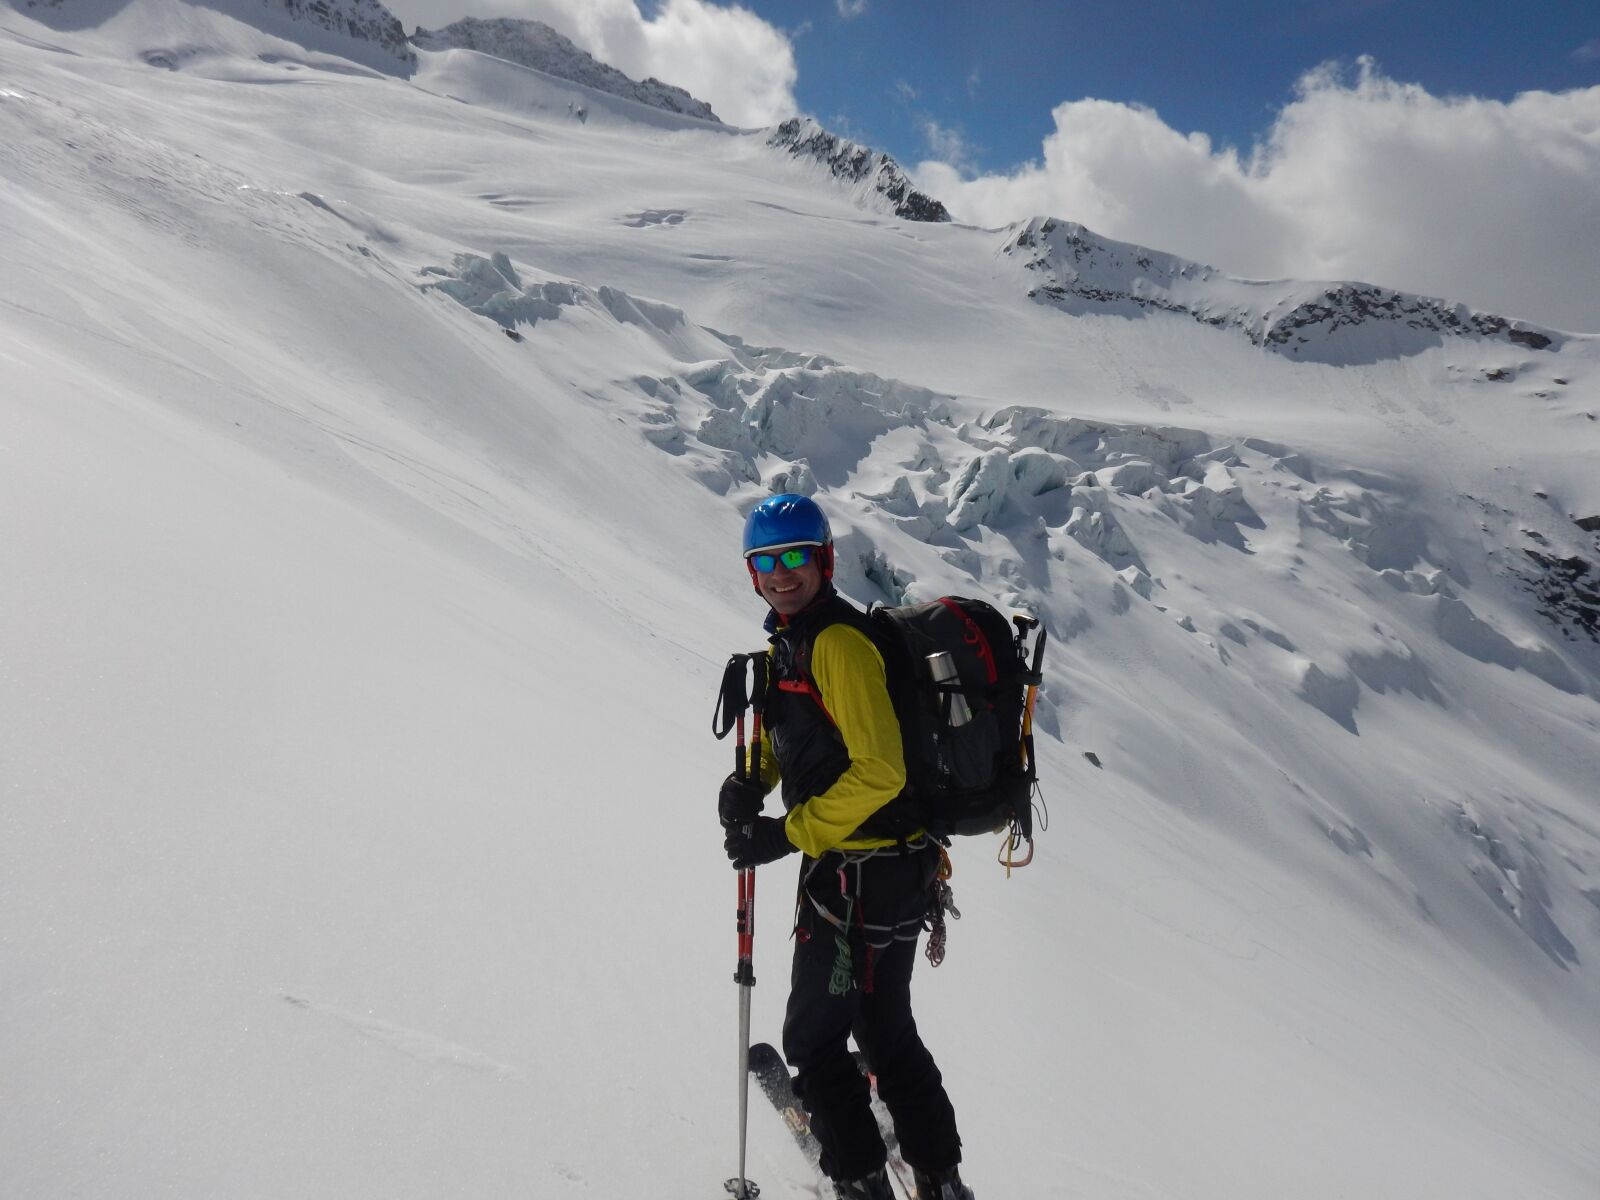 """Nikon Coolpix AW120 sample photo. """"Glacier, backcountry skiiing, ski"""" photography"""